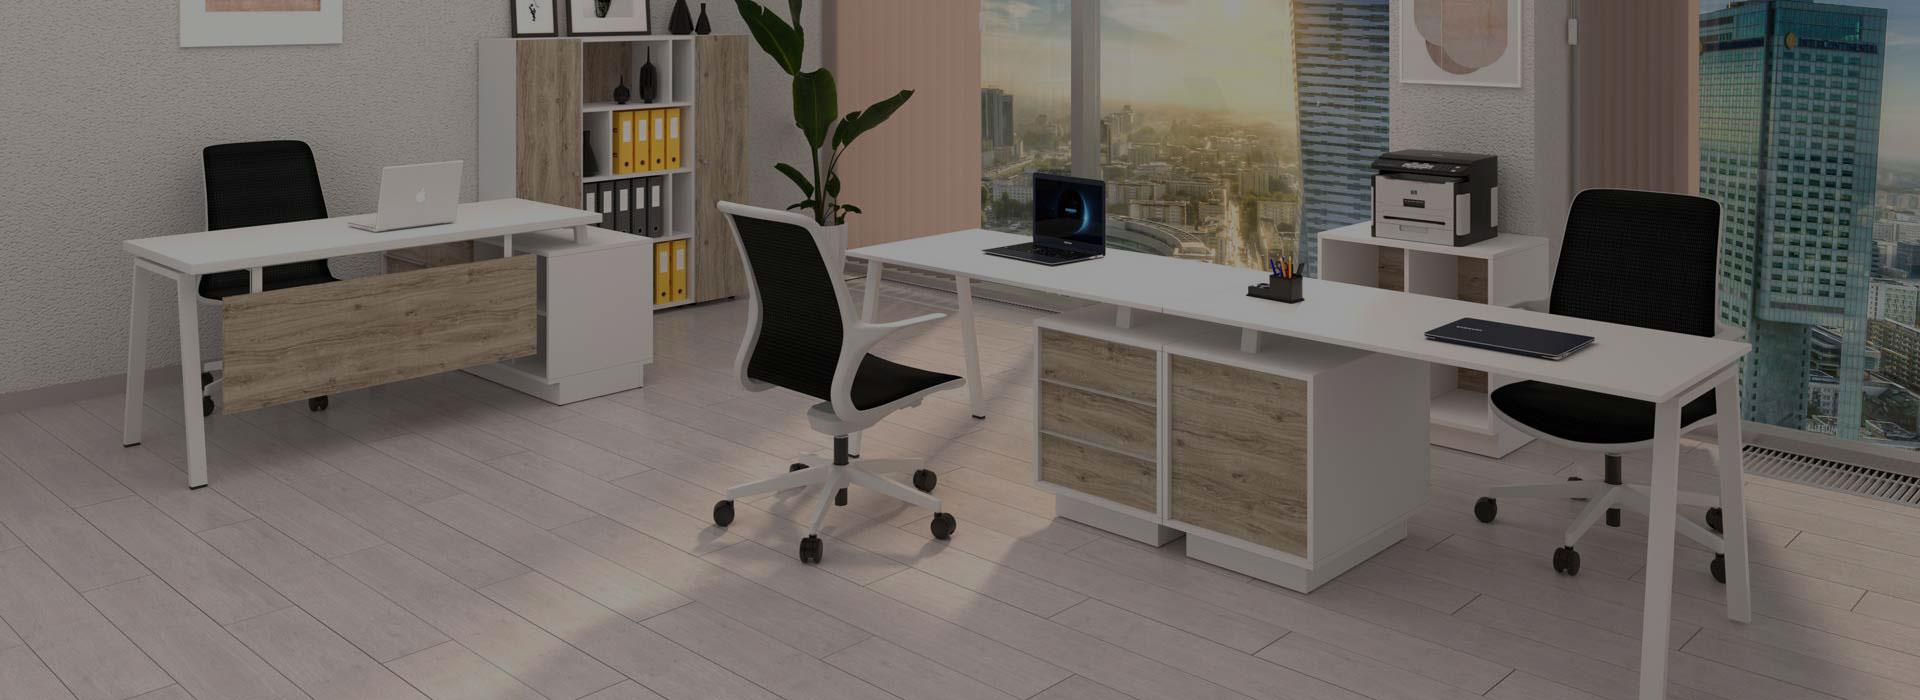 Современные офисные столы от производителя